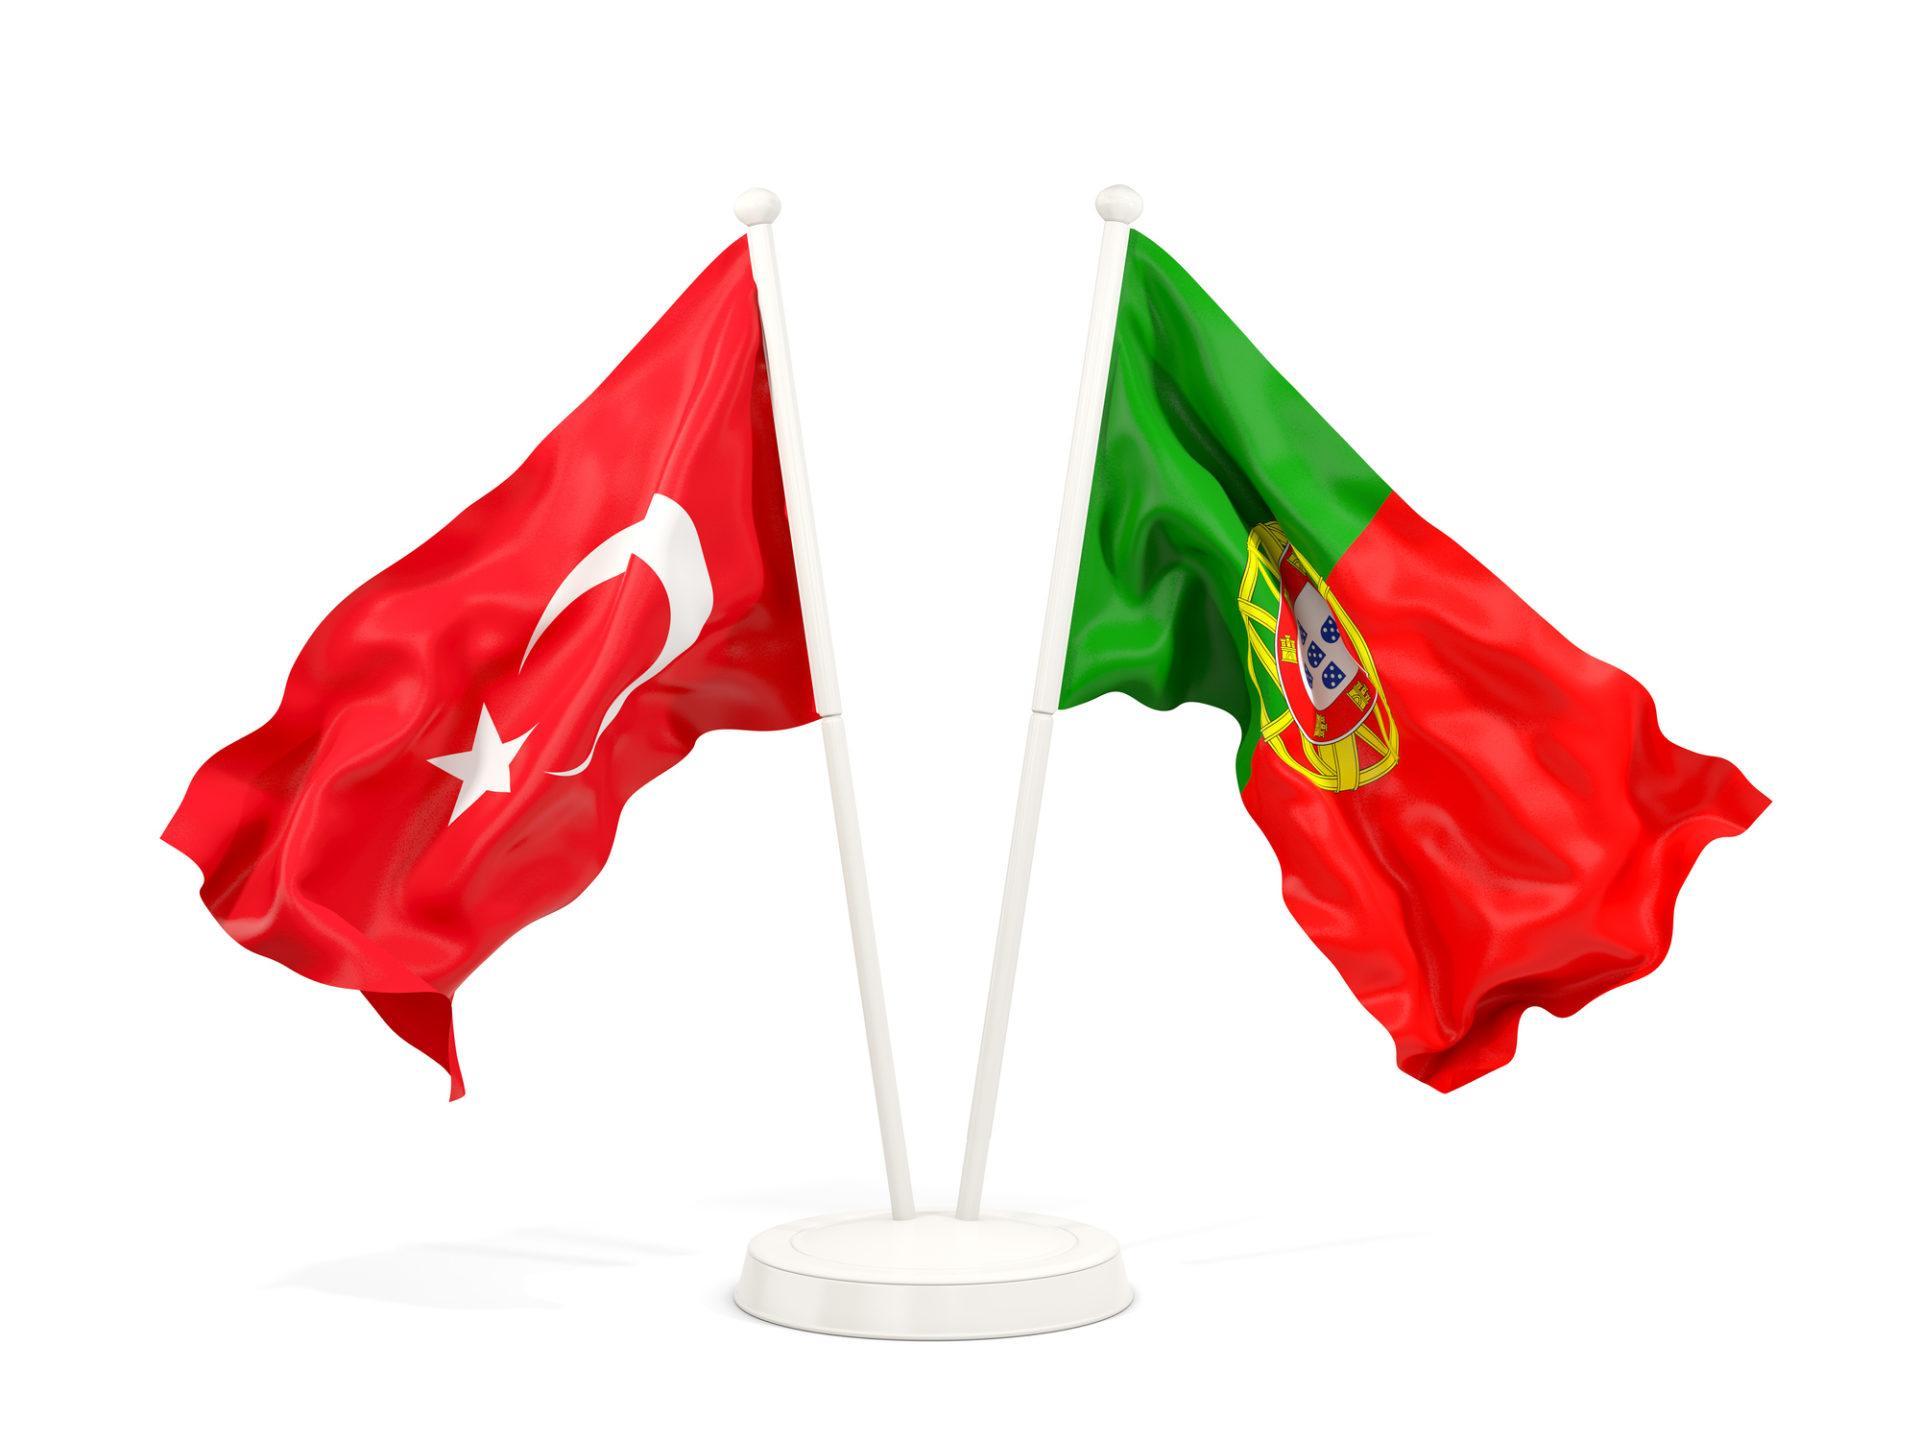 דרכון פורטוגלי ליוצאי טורקיה – כל מה שצריך לדעת!